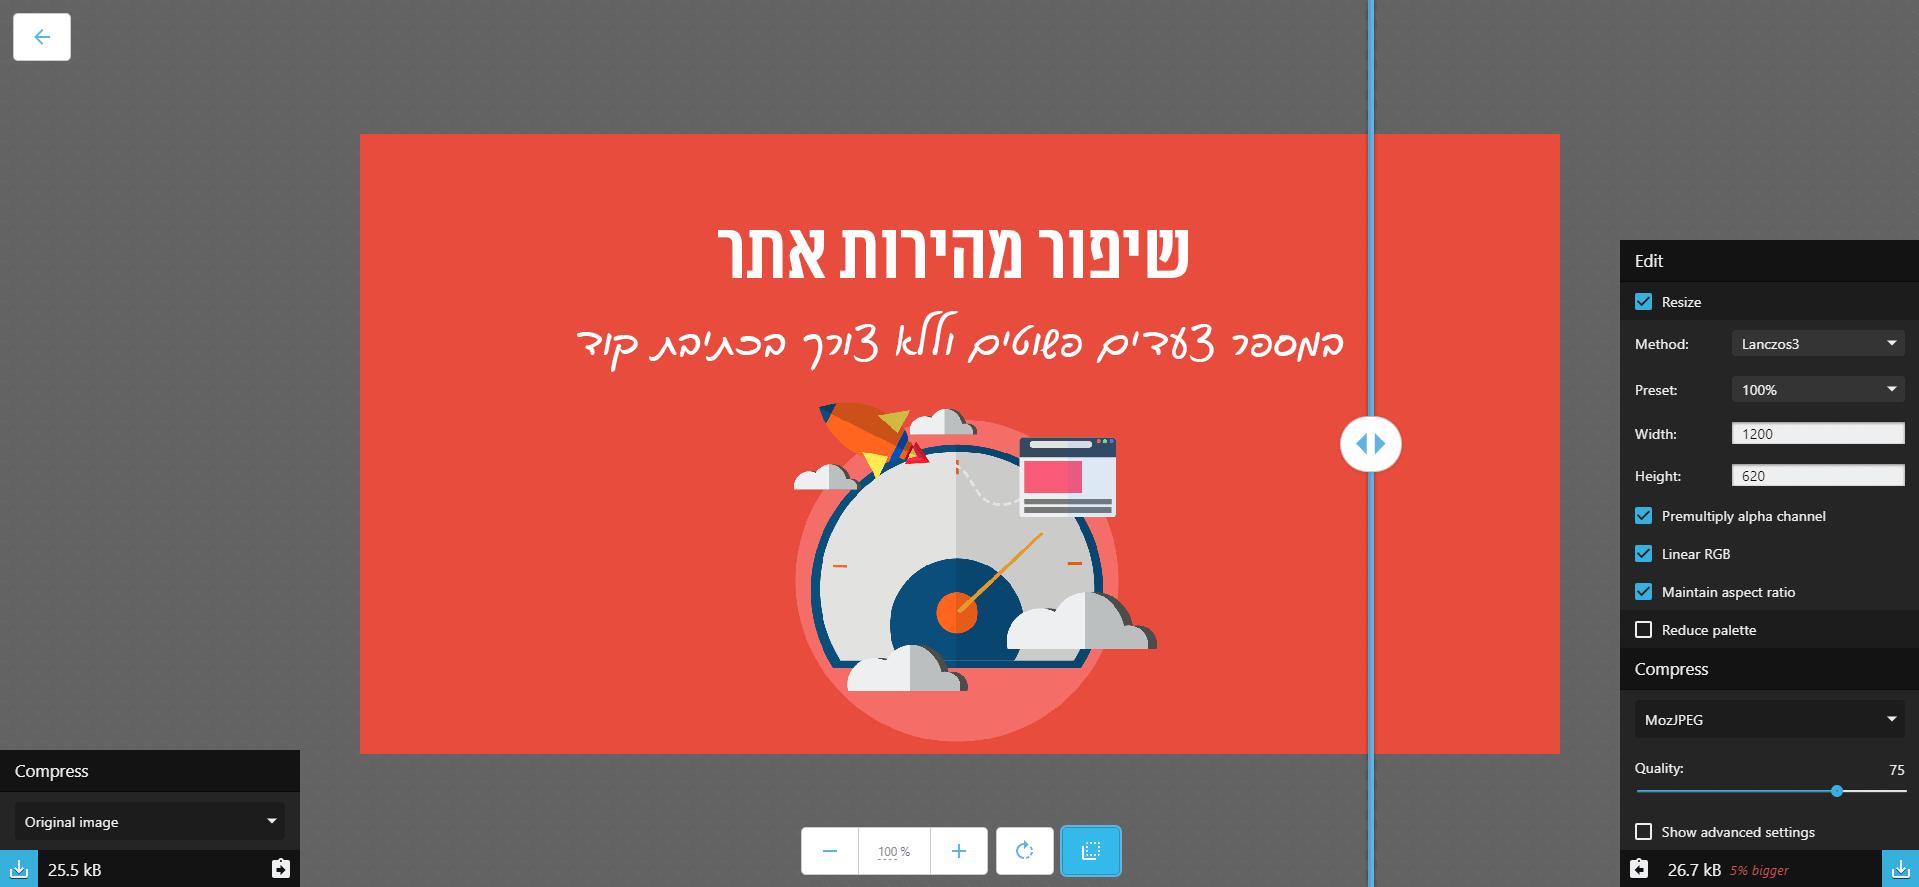 כיווץ תמונות לשיפור מהירות אתר